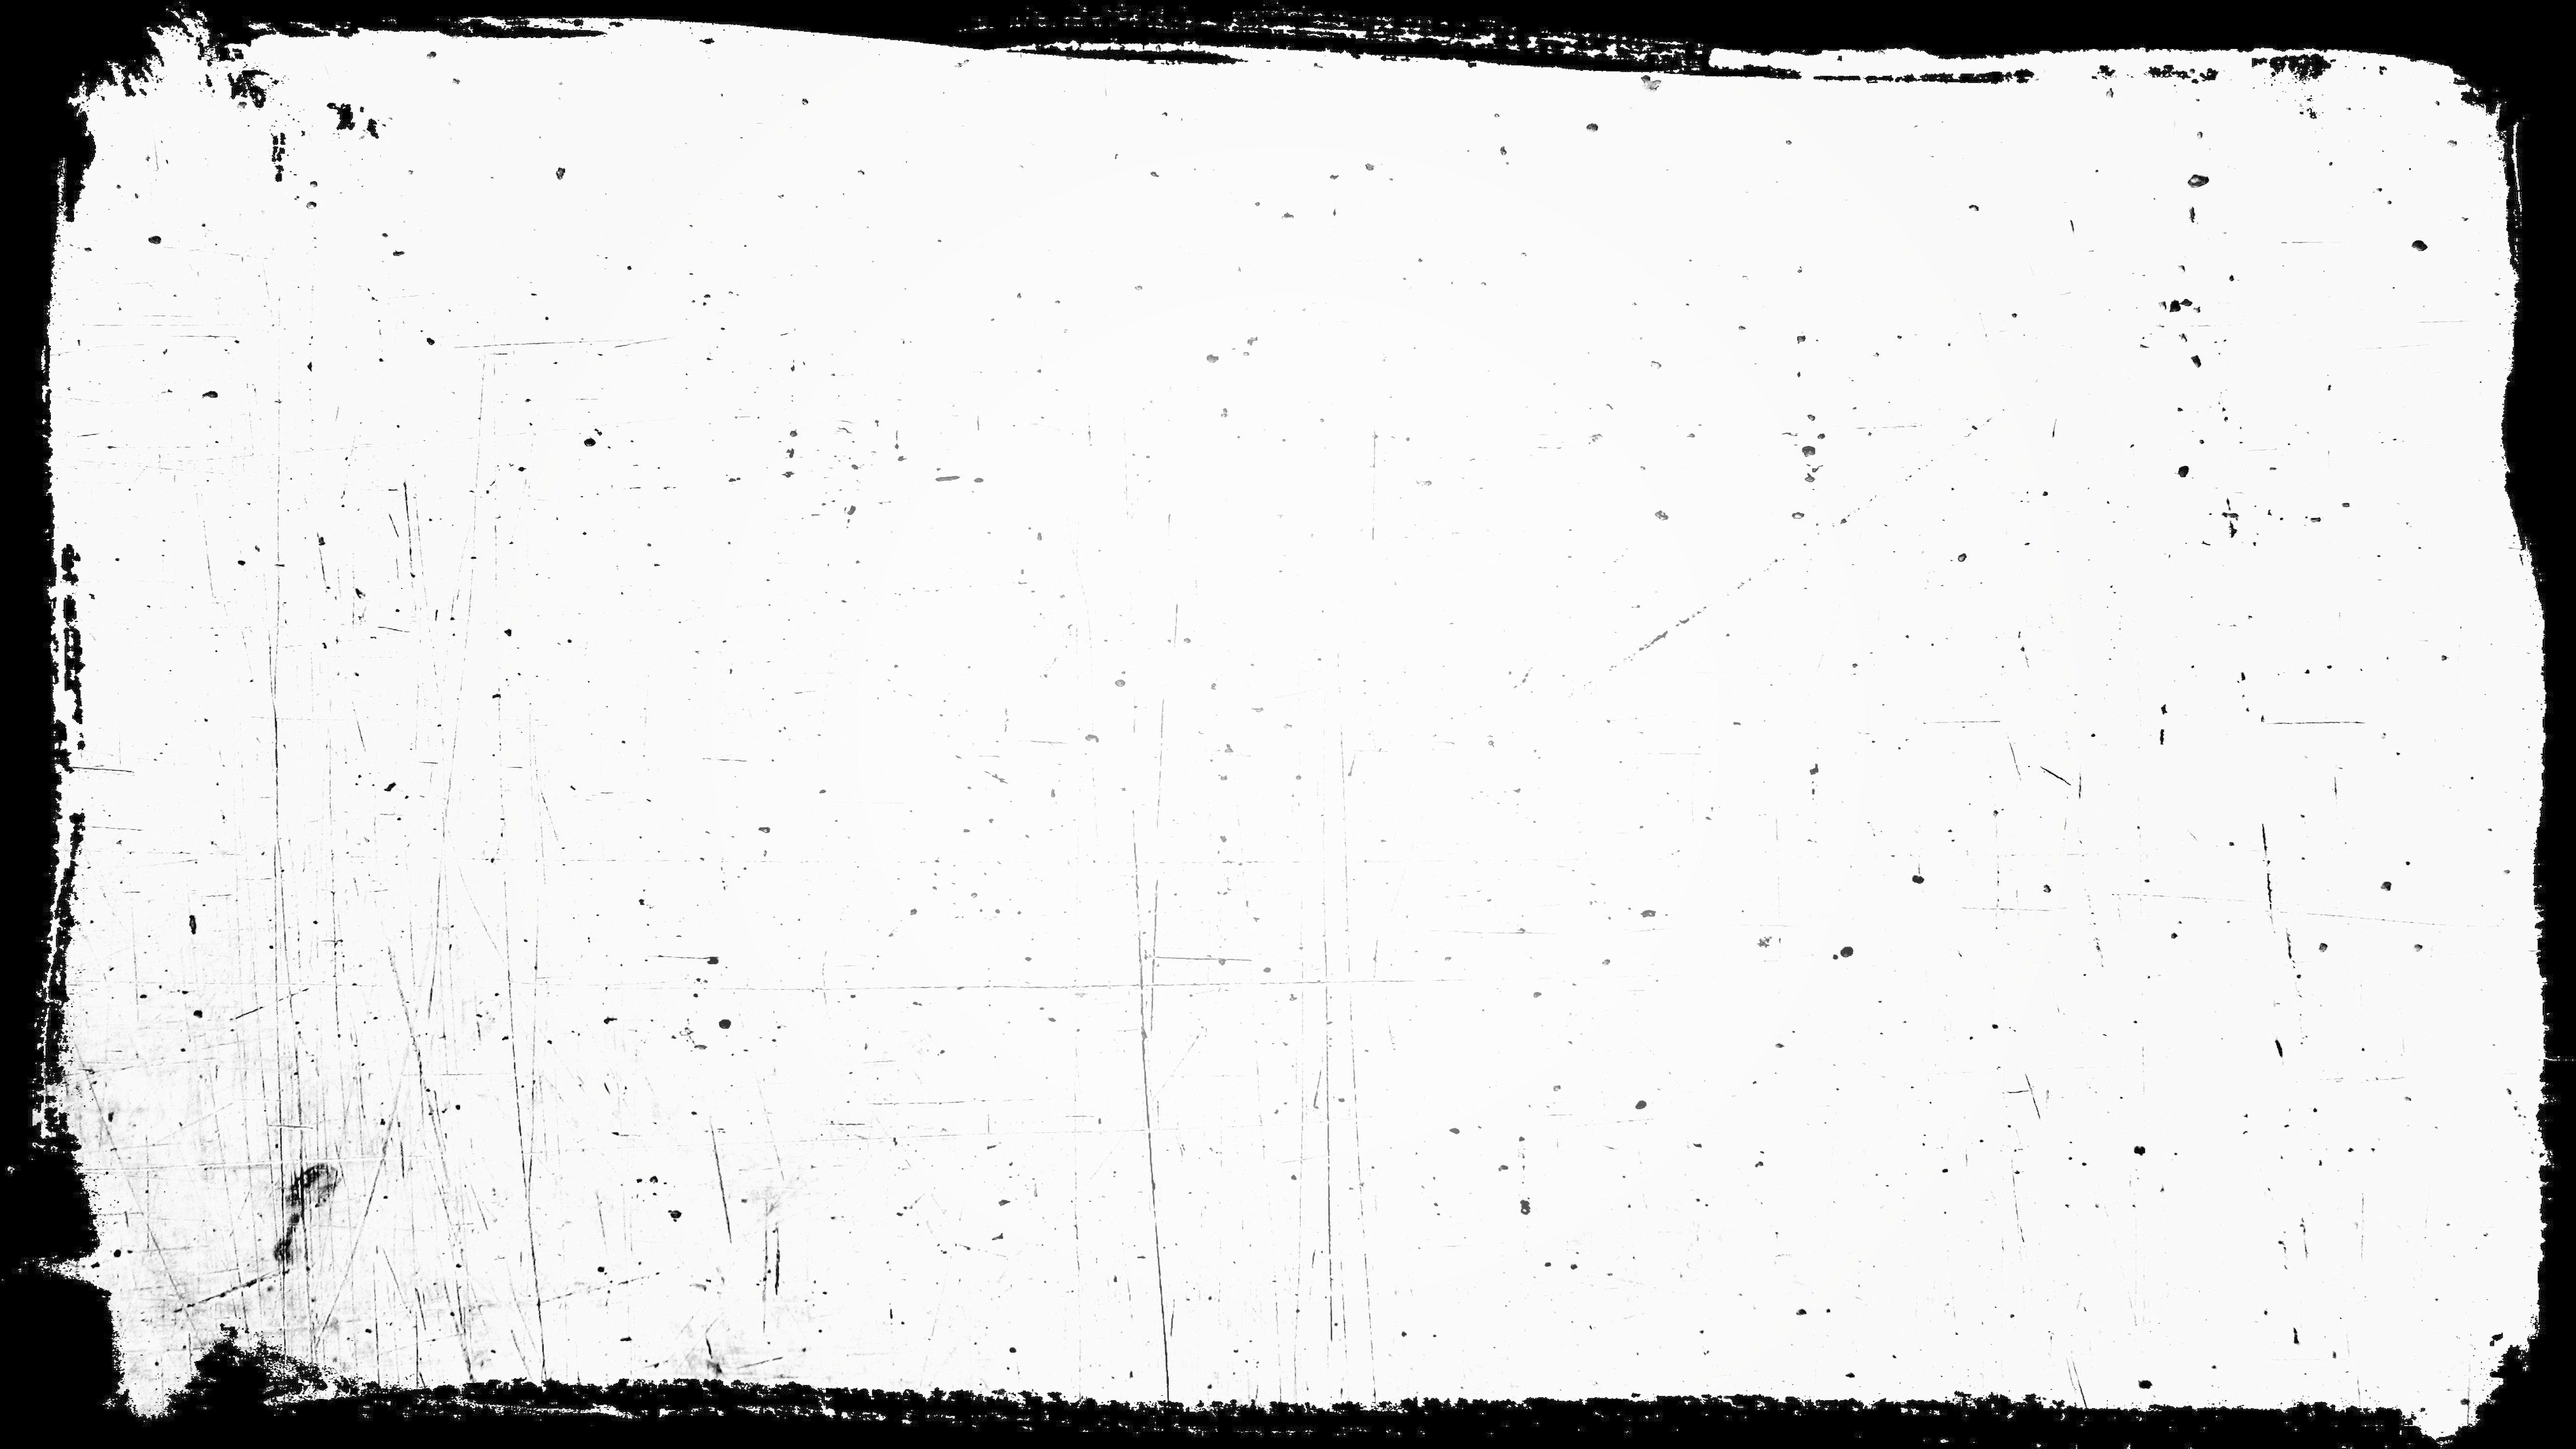 Grunge Frame Background Image In 2021 Frame Background Background Images Background